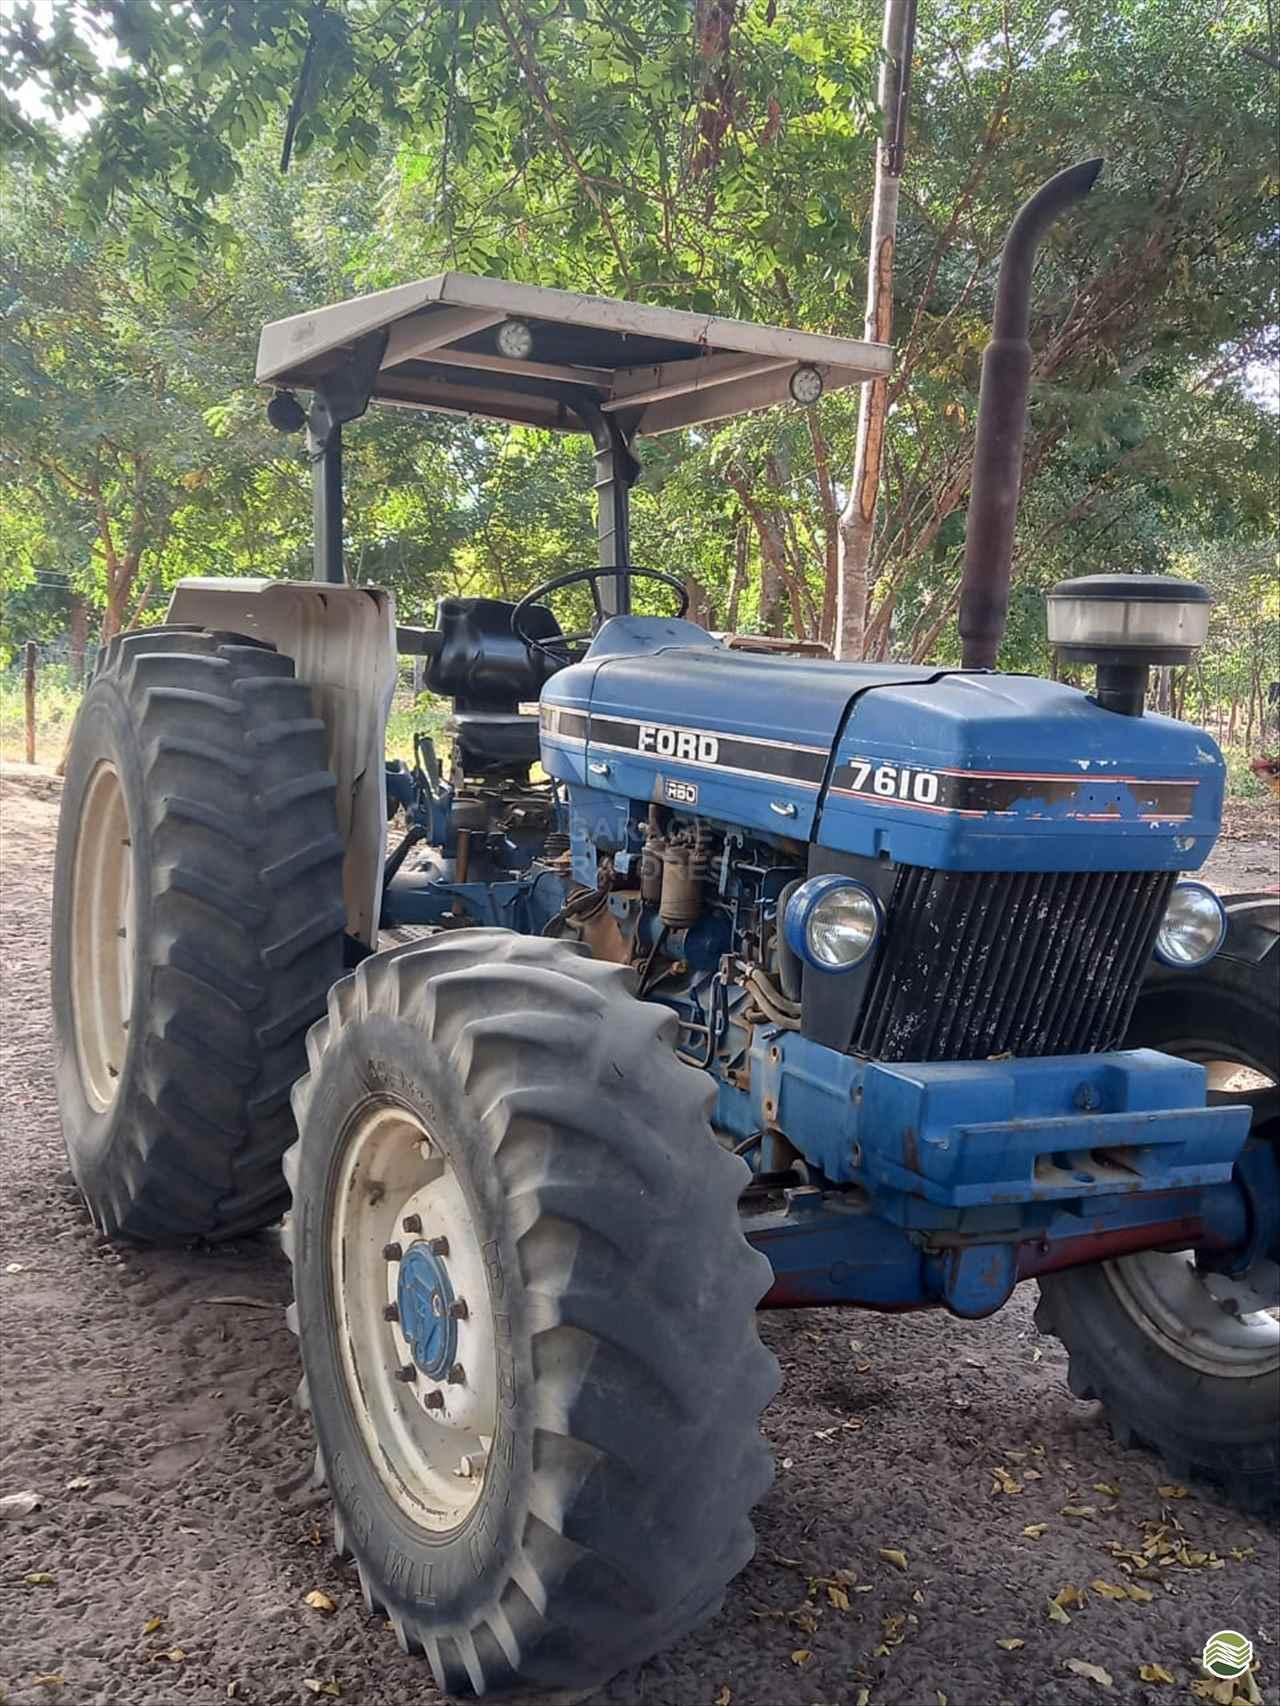 TRATOR FORD FORD 7610 Tração 4x4 Garage Tratores ARAGUARI MINAS GERAIS MG